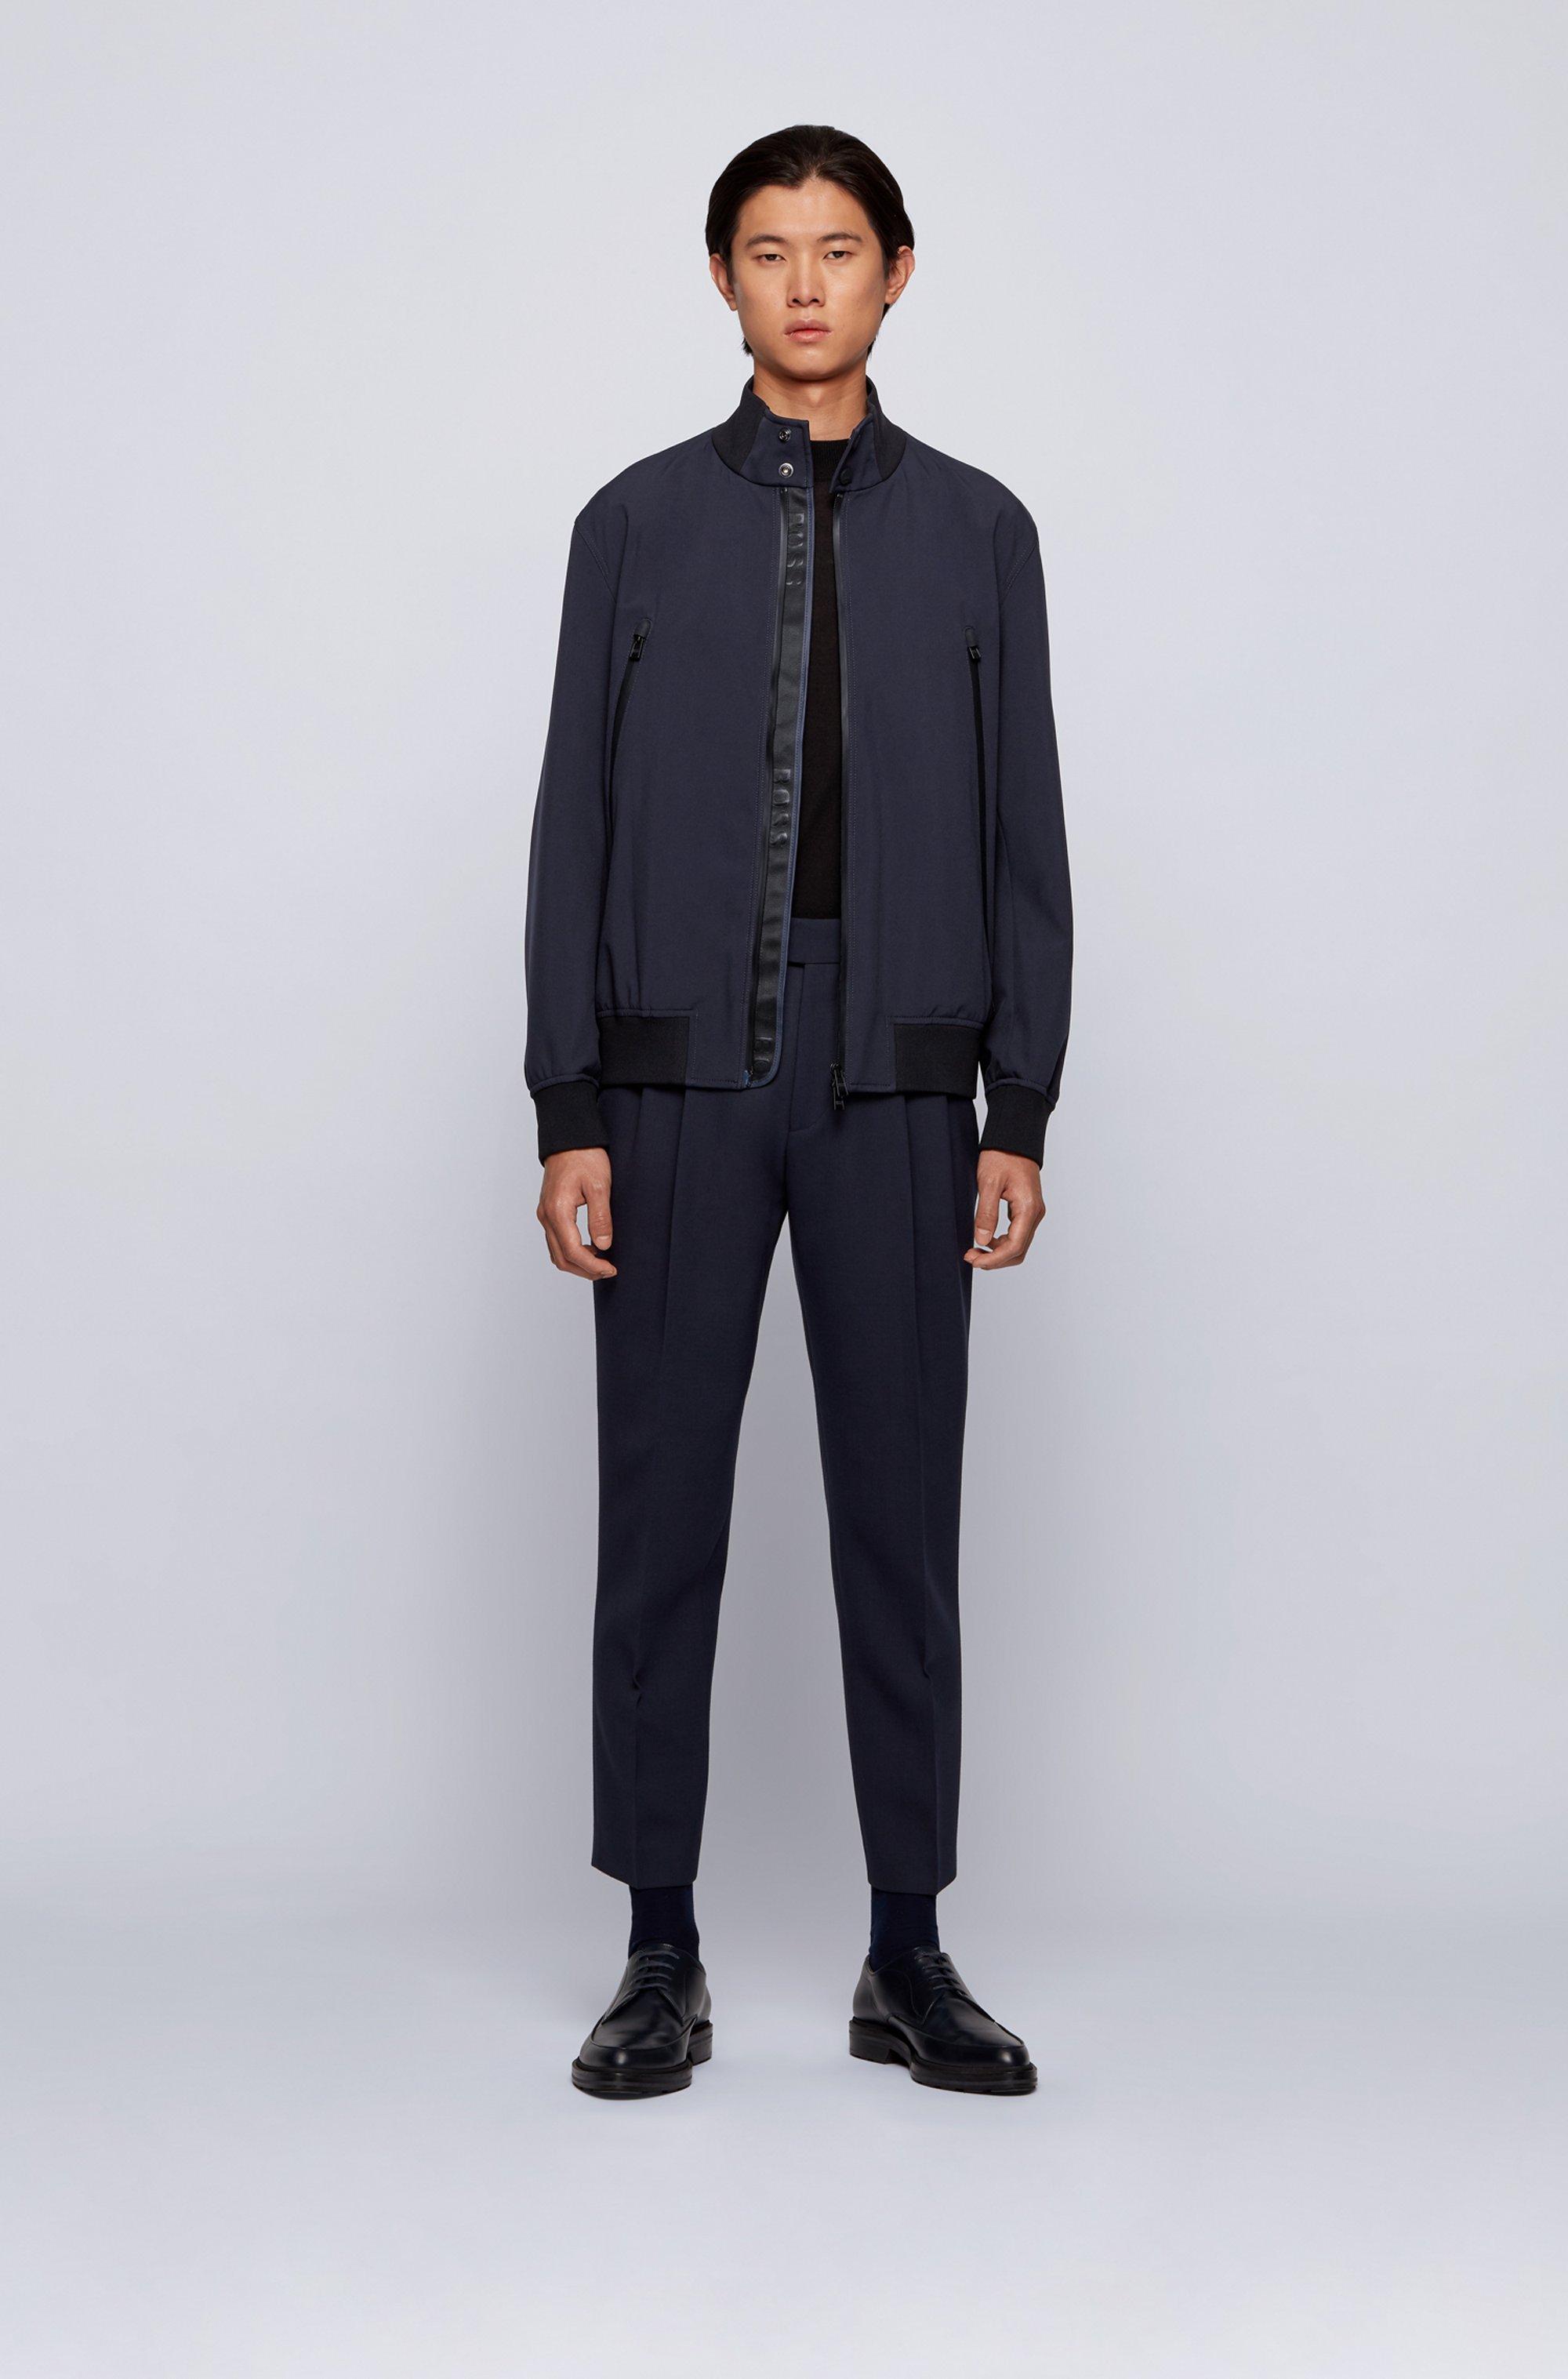 Regular-Fit Jacke aus wasserabweisendem Gewebe im Blouson-Stil